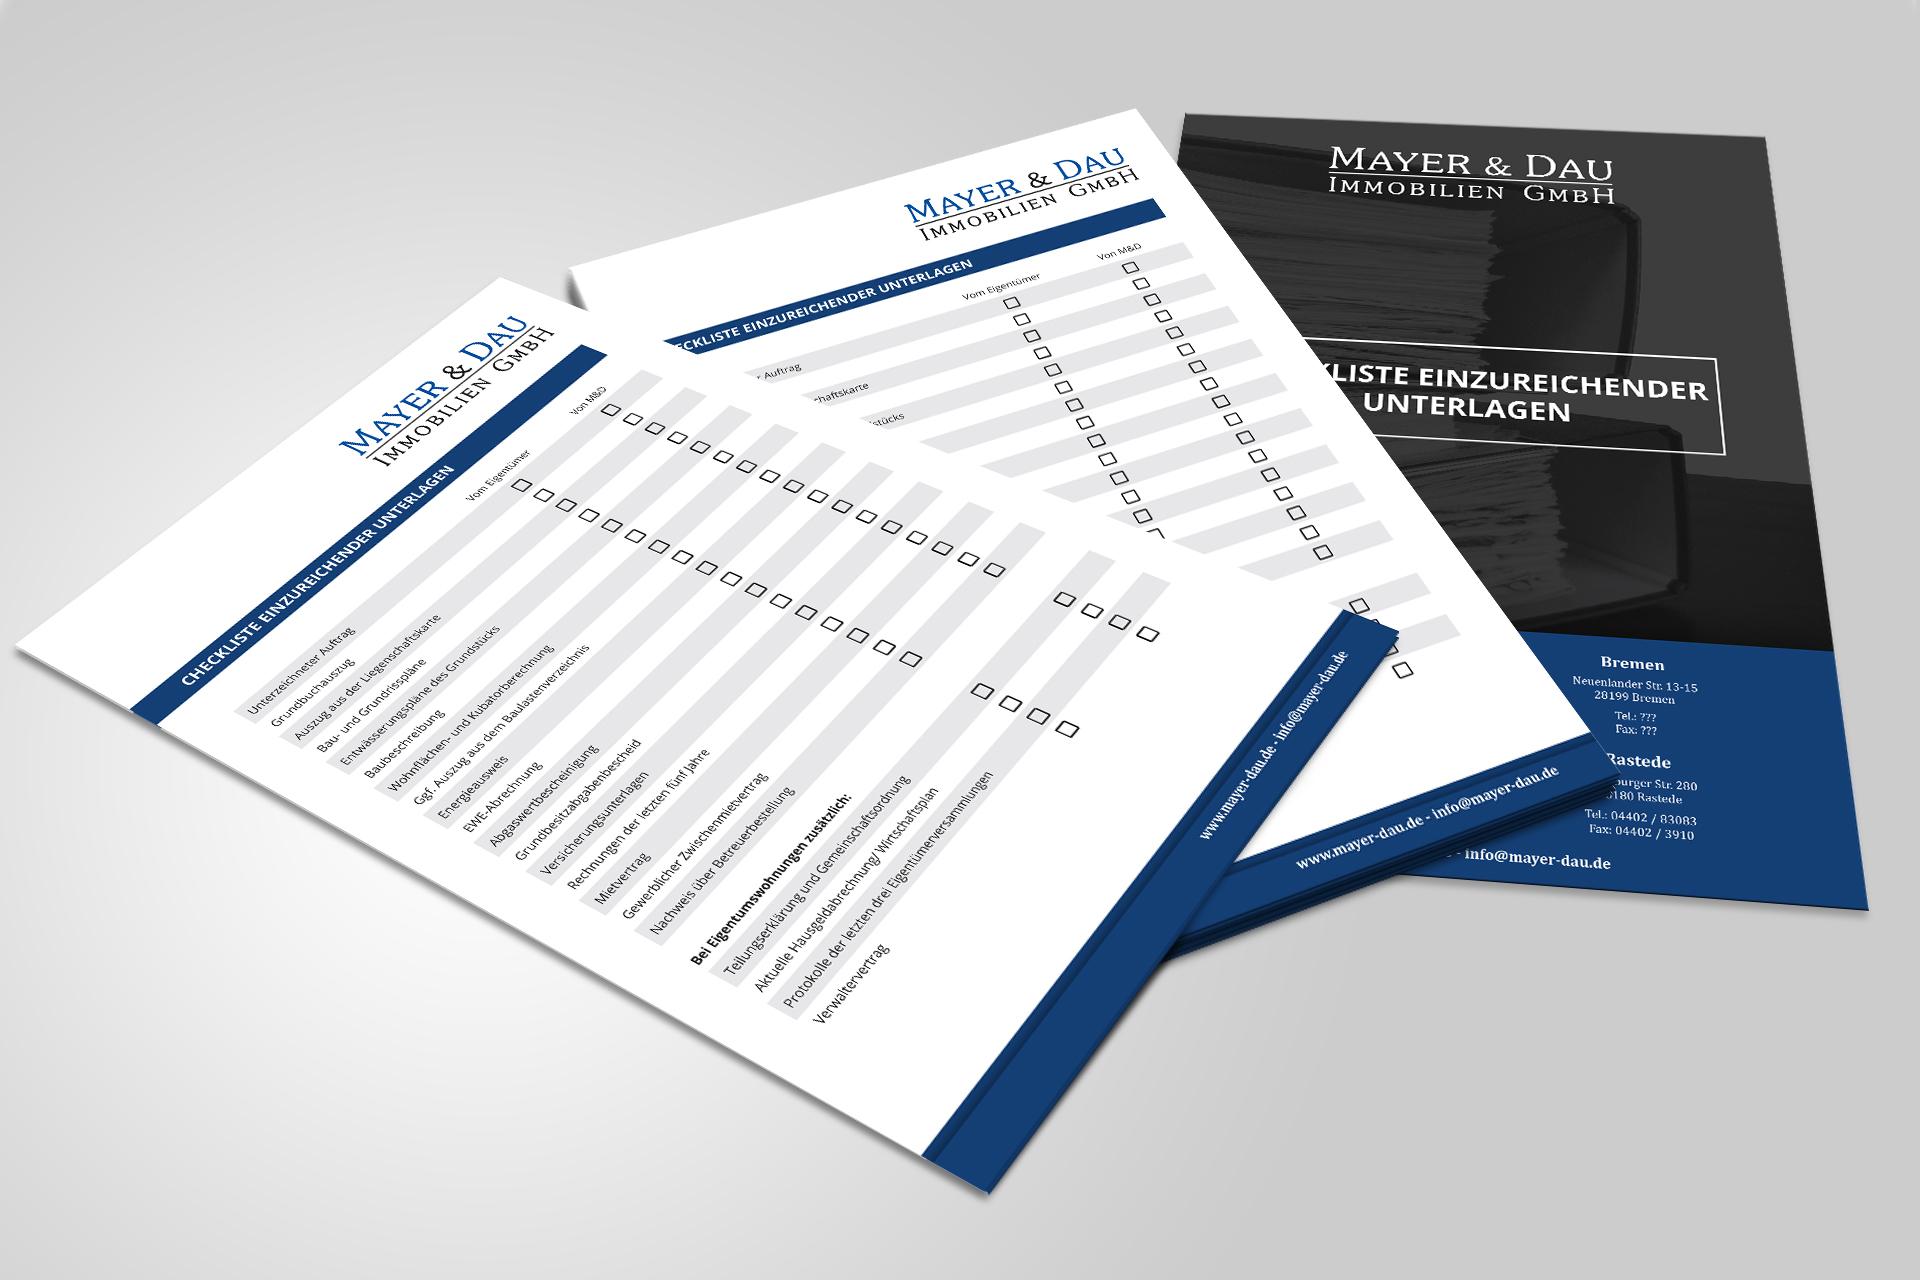 M&D_Checkliste_einzureichender_Unterlagen